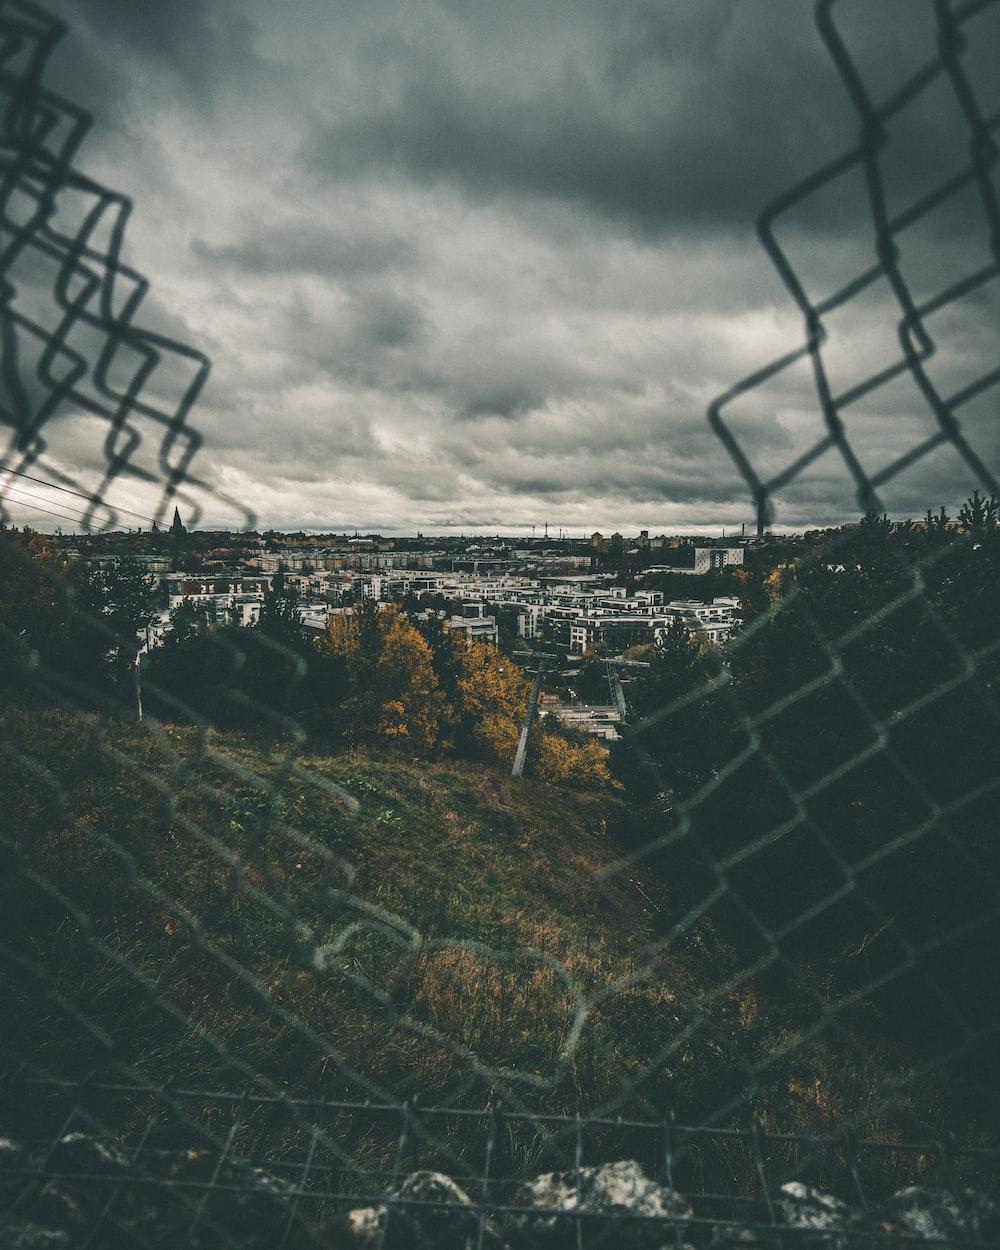 broken cyclone fence